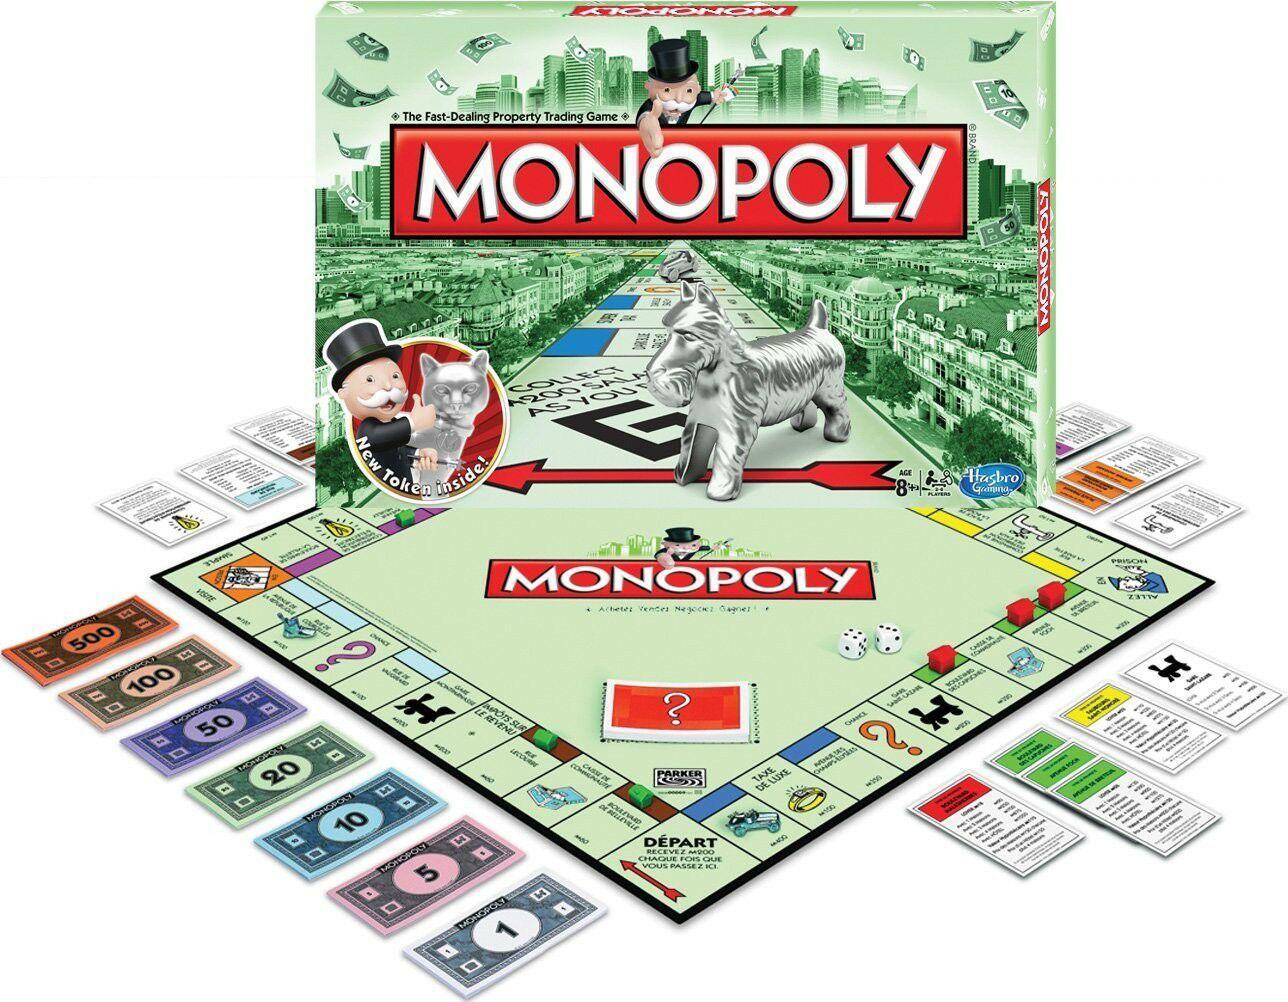 40% offerts en bon d'achat sur tout le rayon jouet - Ex : Monopoly Classique